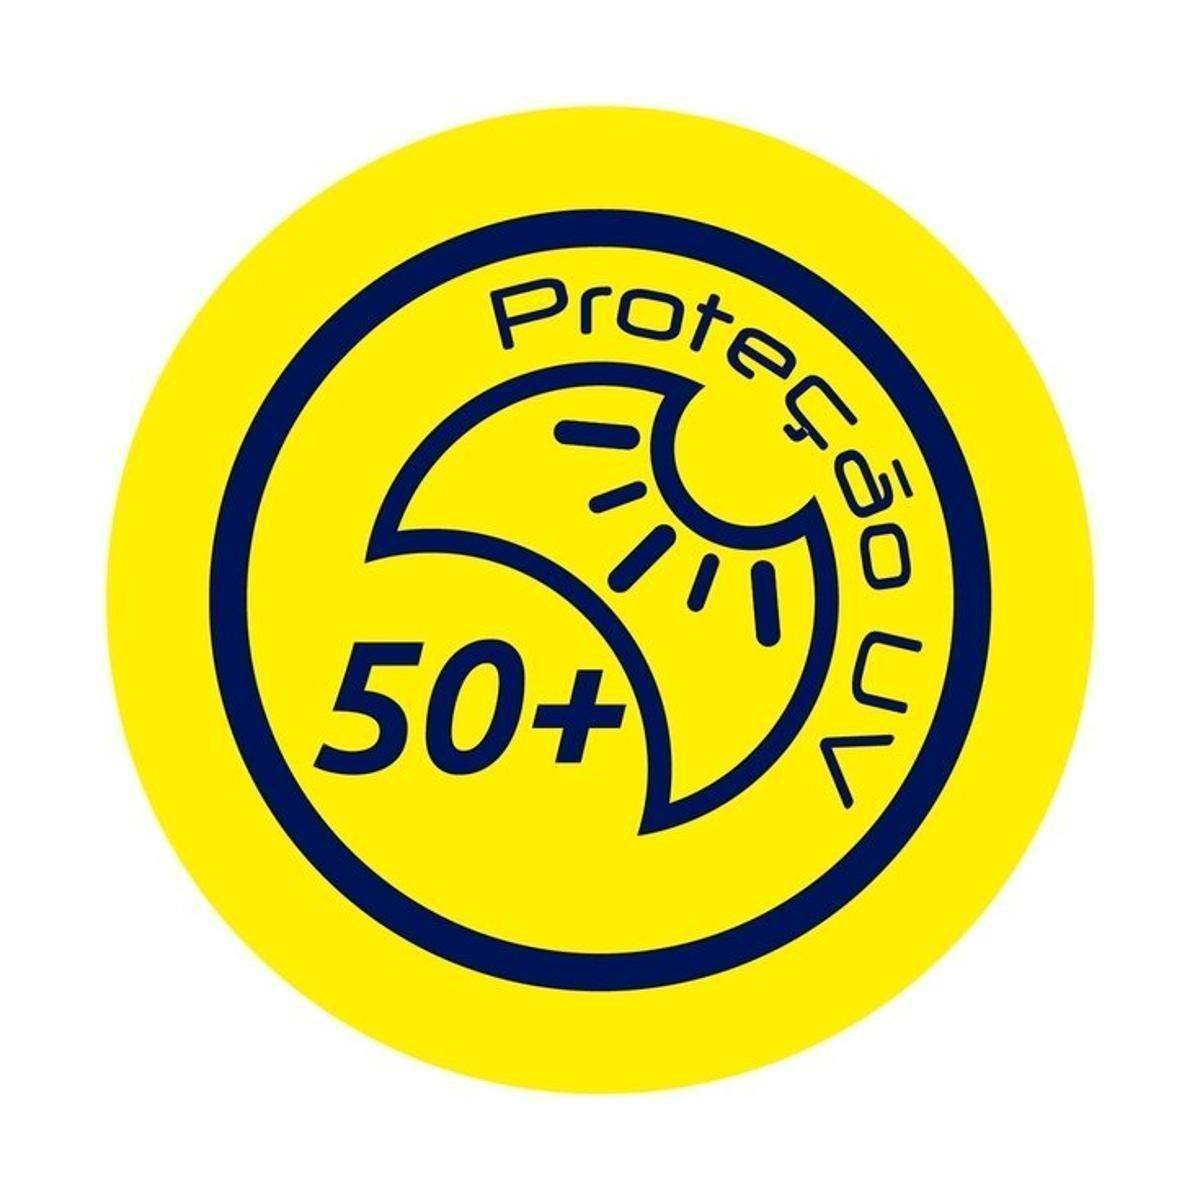 UV50 e II Azul Proteção Vermelho de Camisa Fator Infantil zqw66C